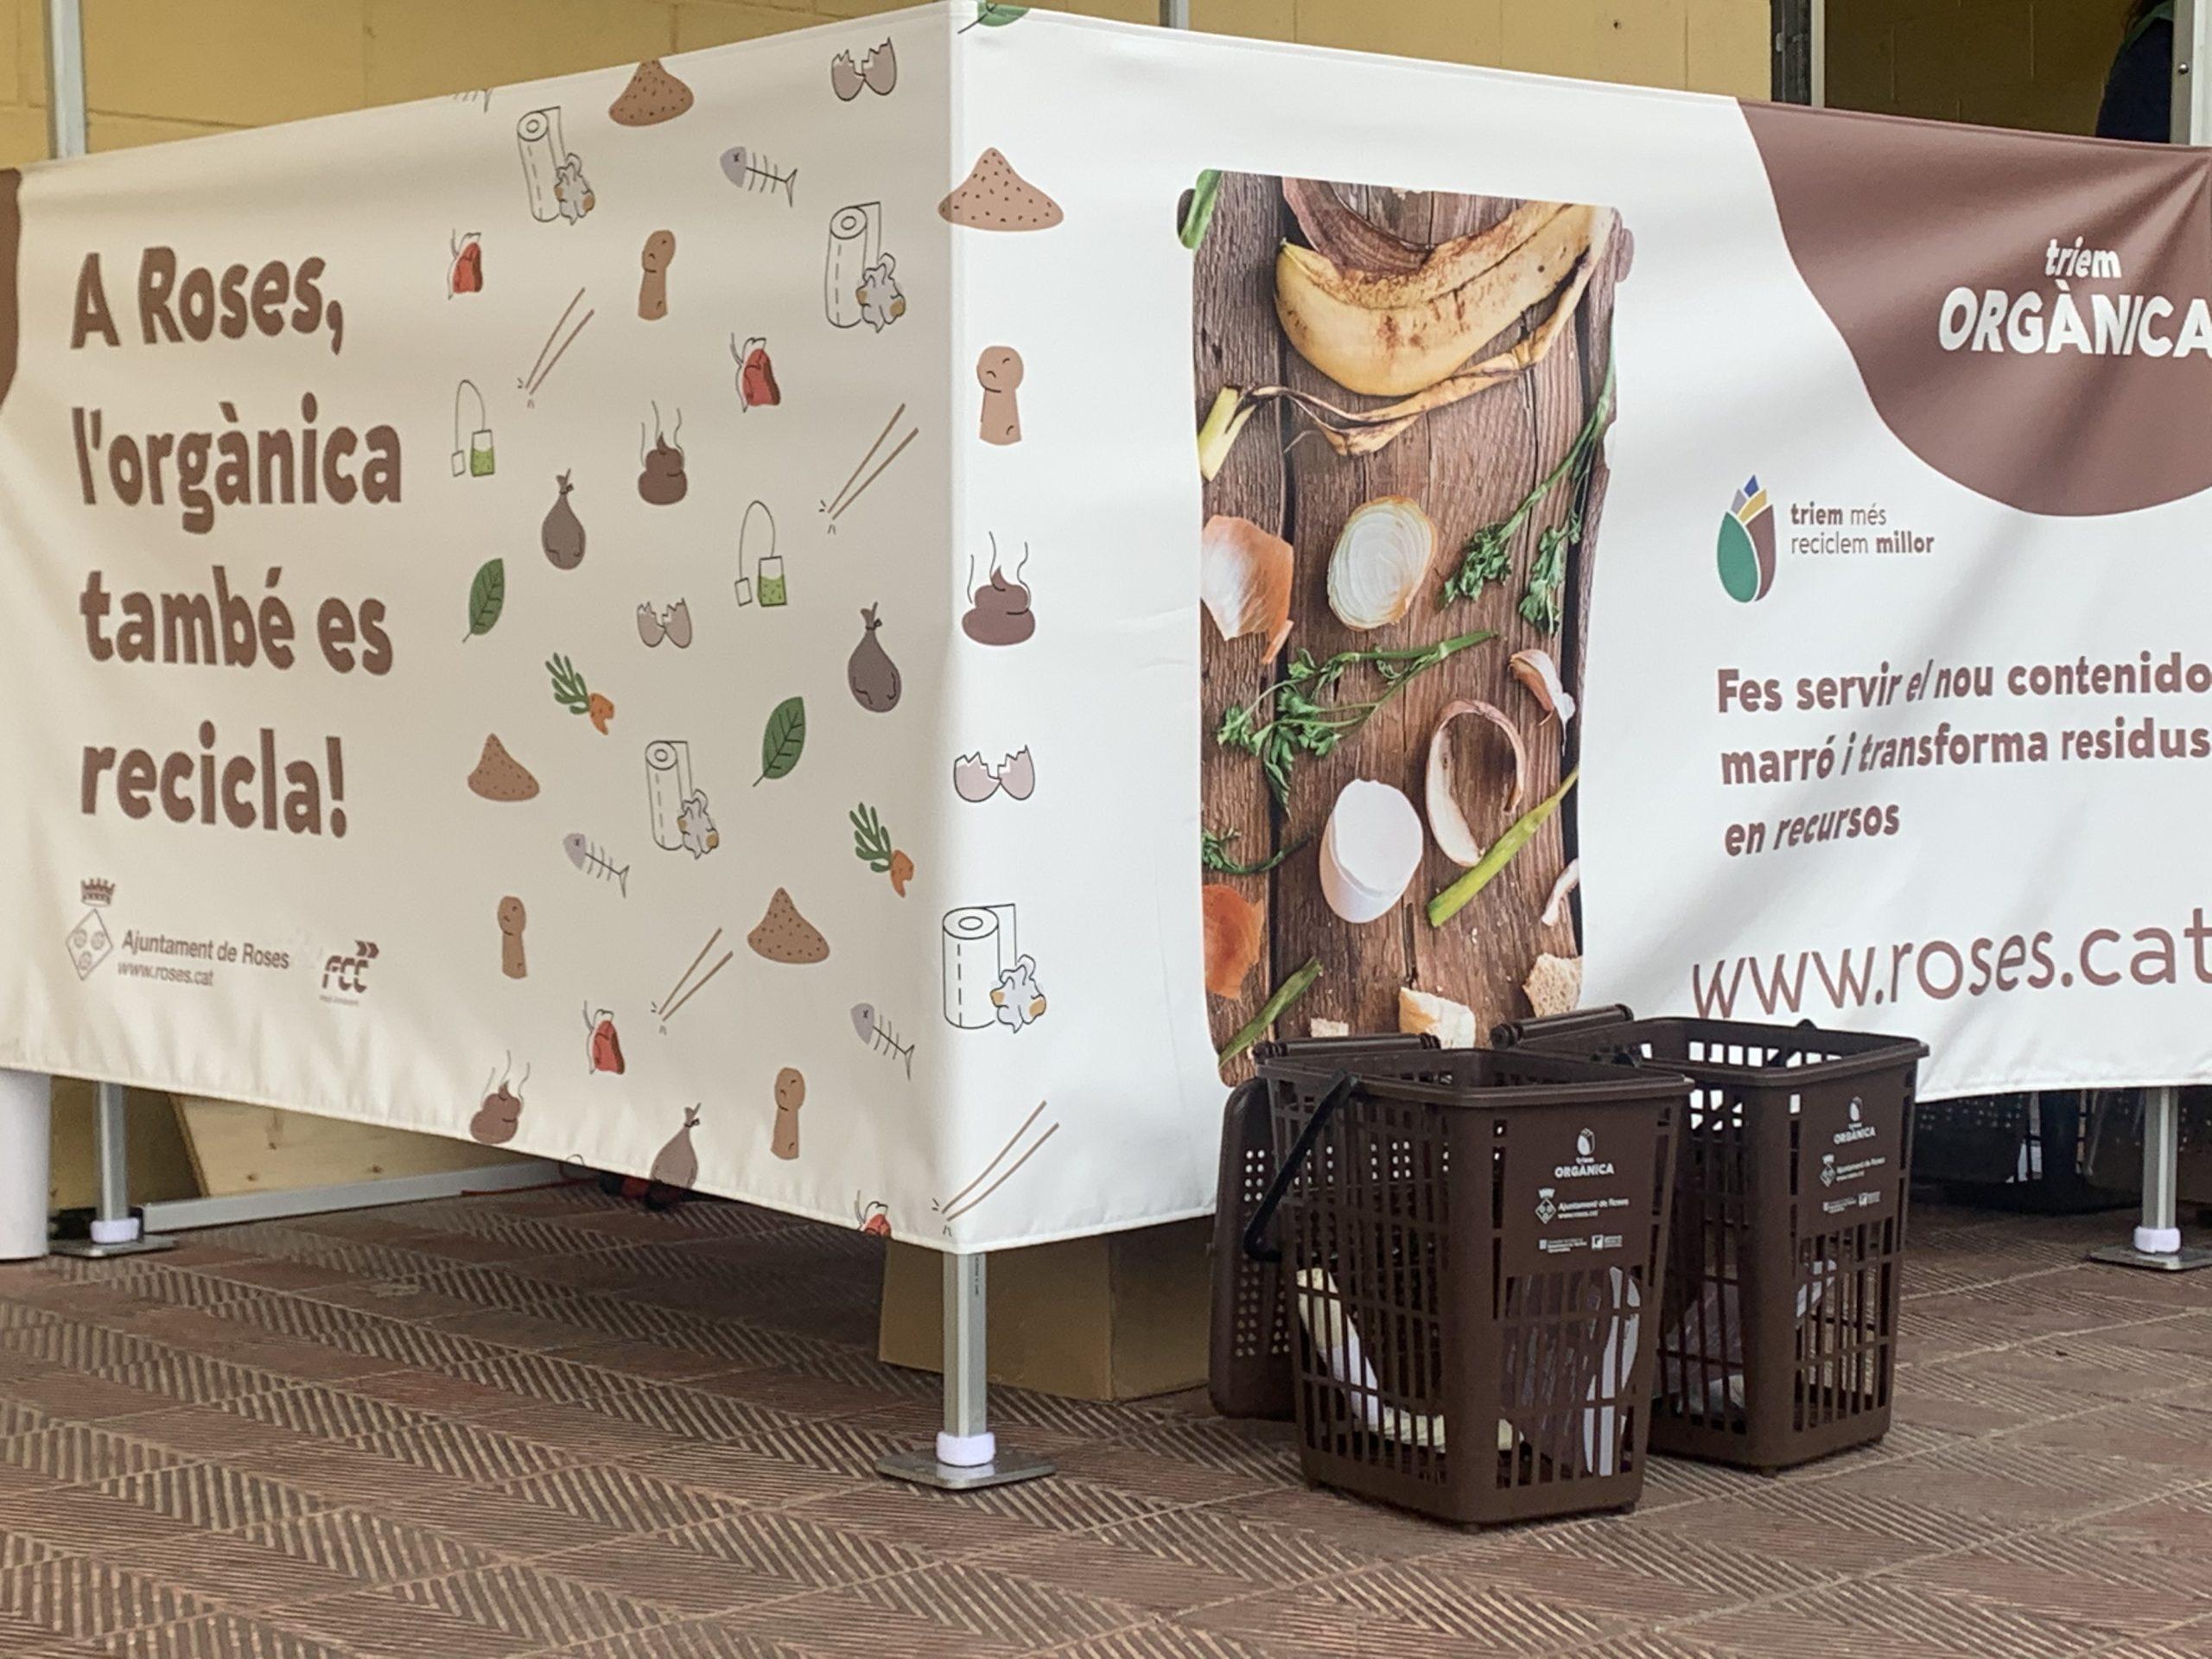 Roses inicia la distribució de kits de reciclatge orgànic i instal·la els nous contenidors marrons